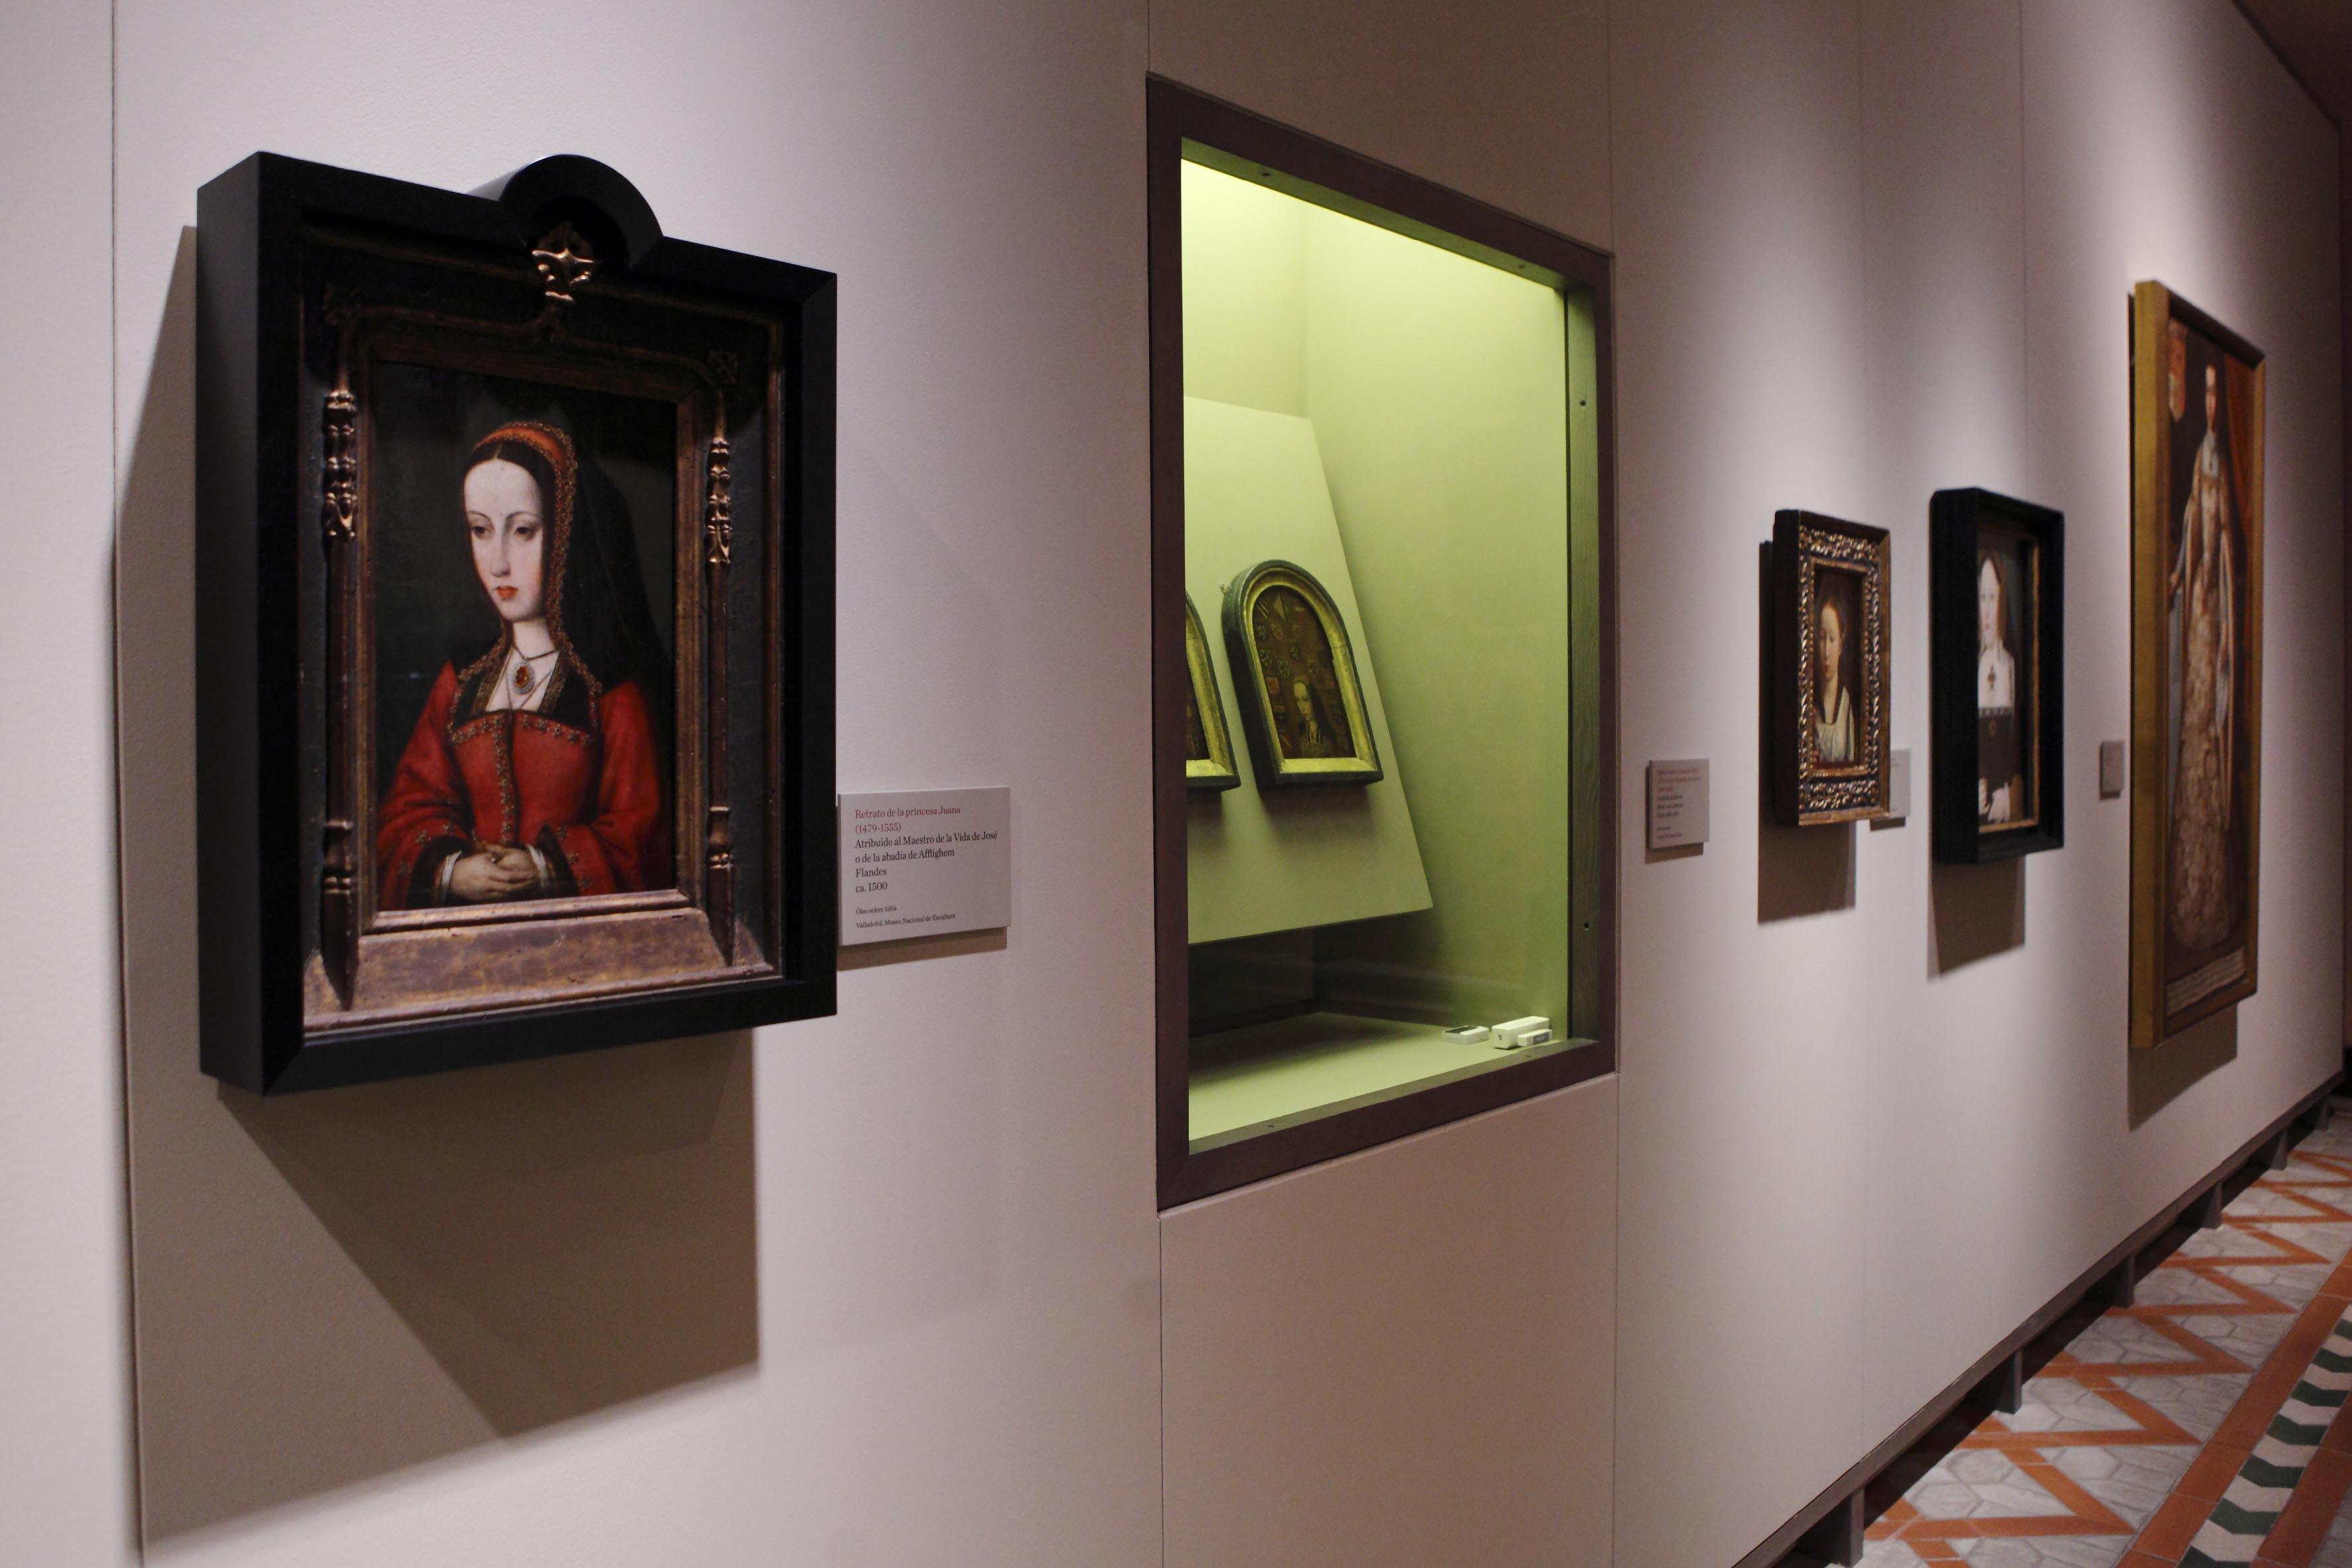 Sala del primer ámbito de la exposición. Foto: Carlos Moncino.